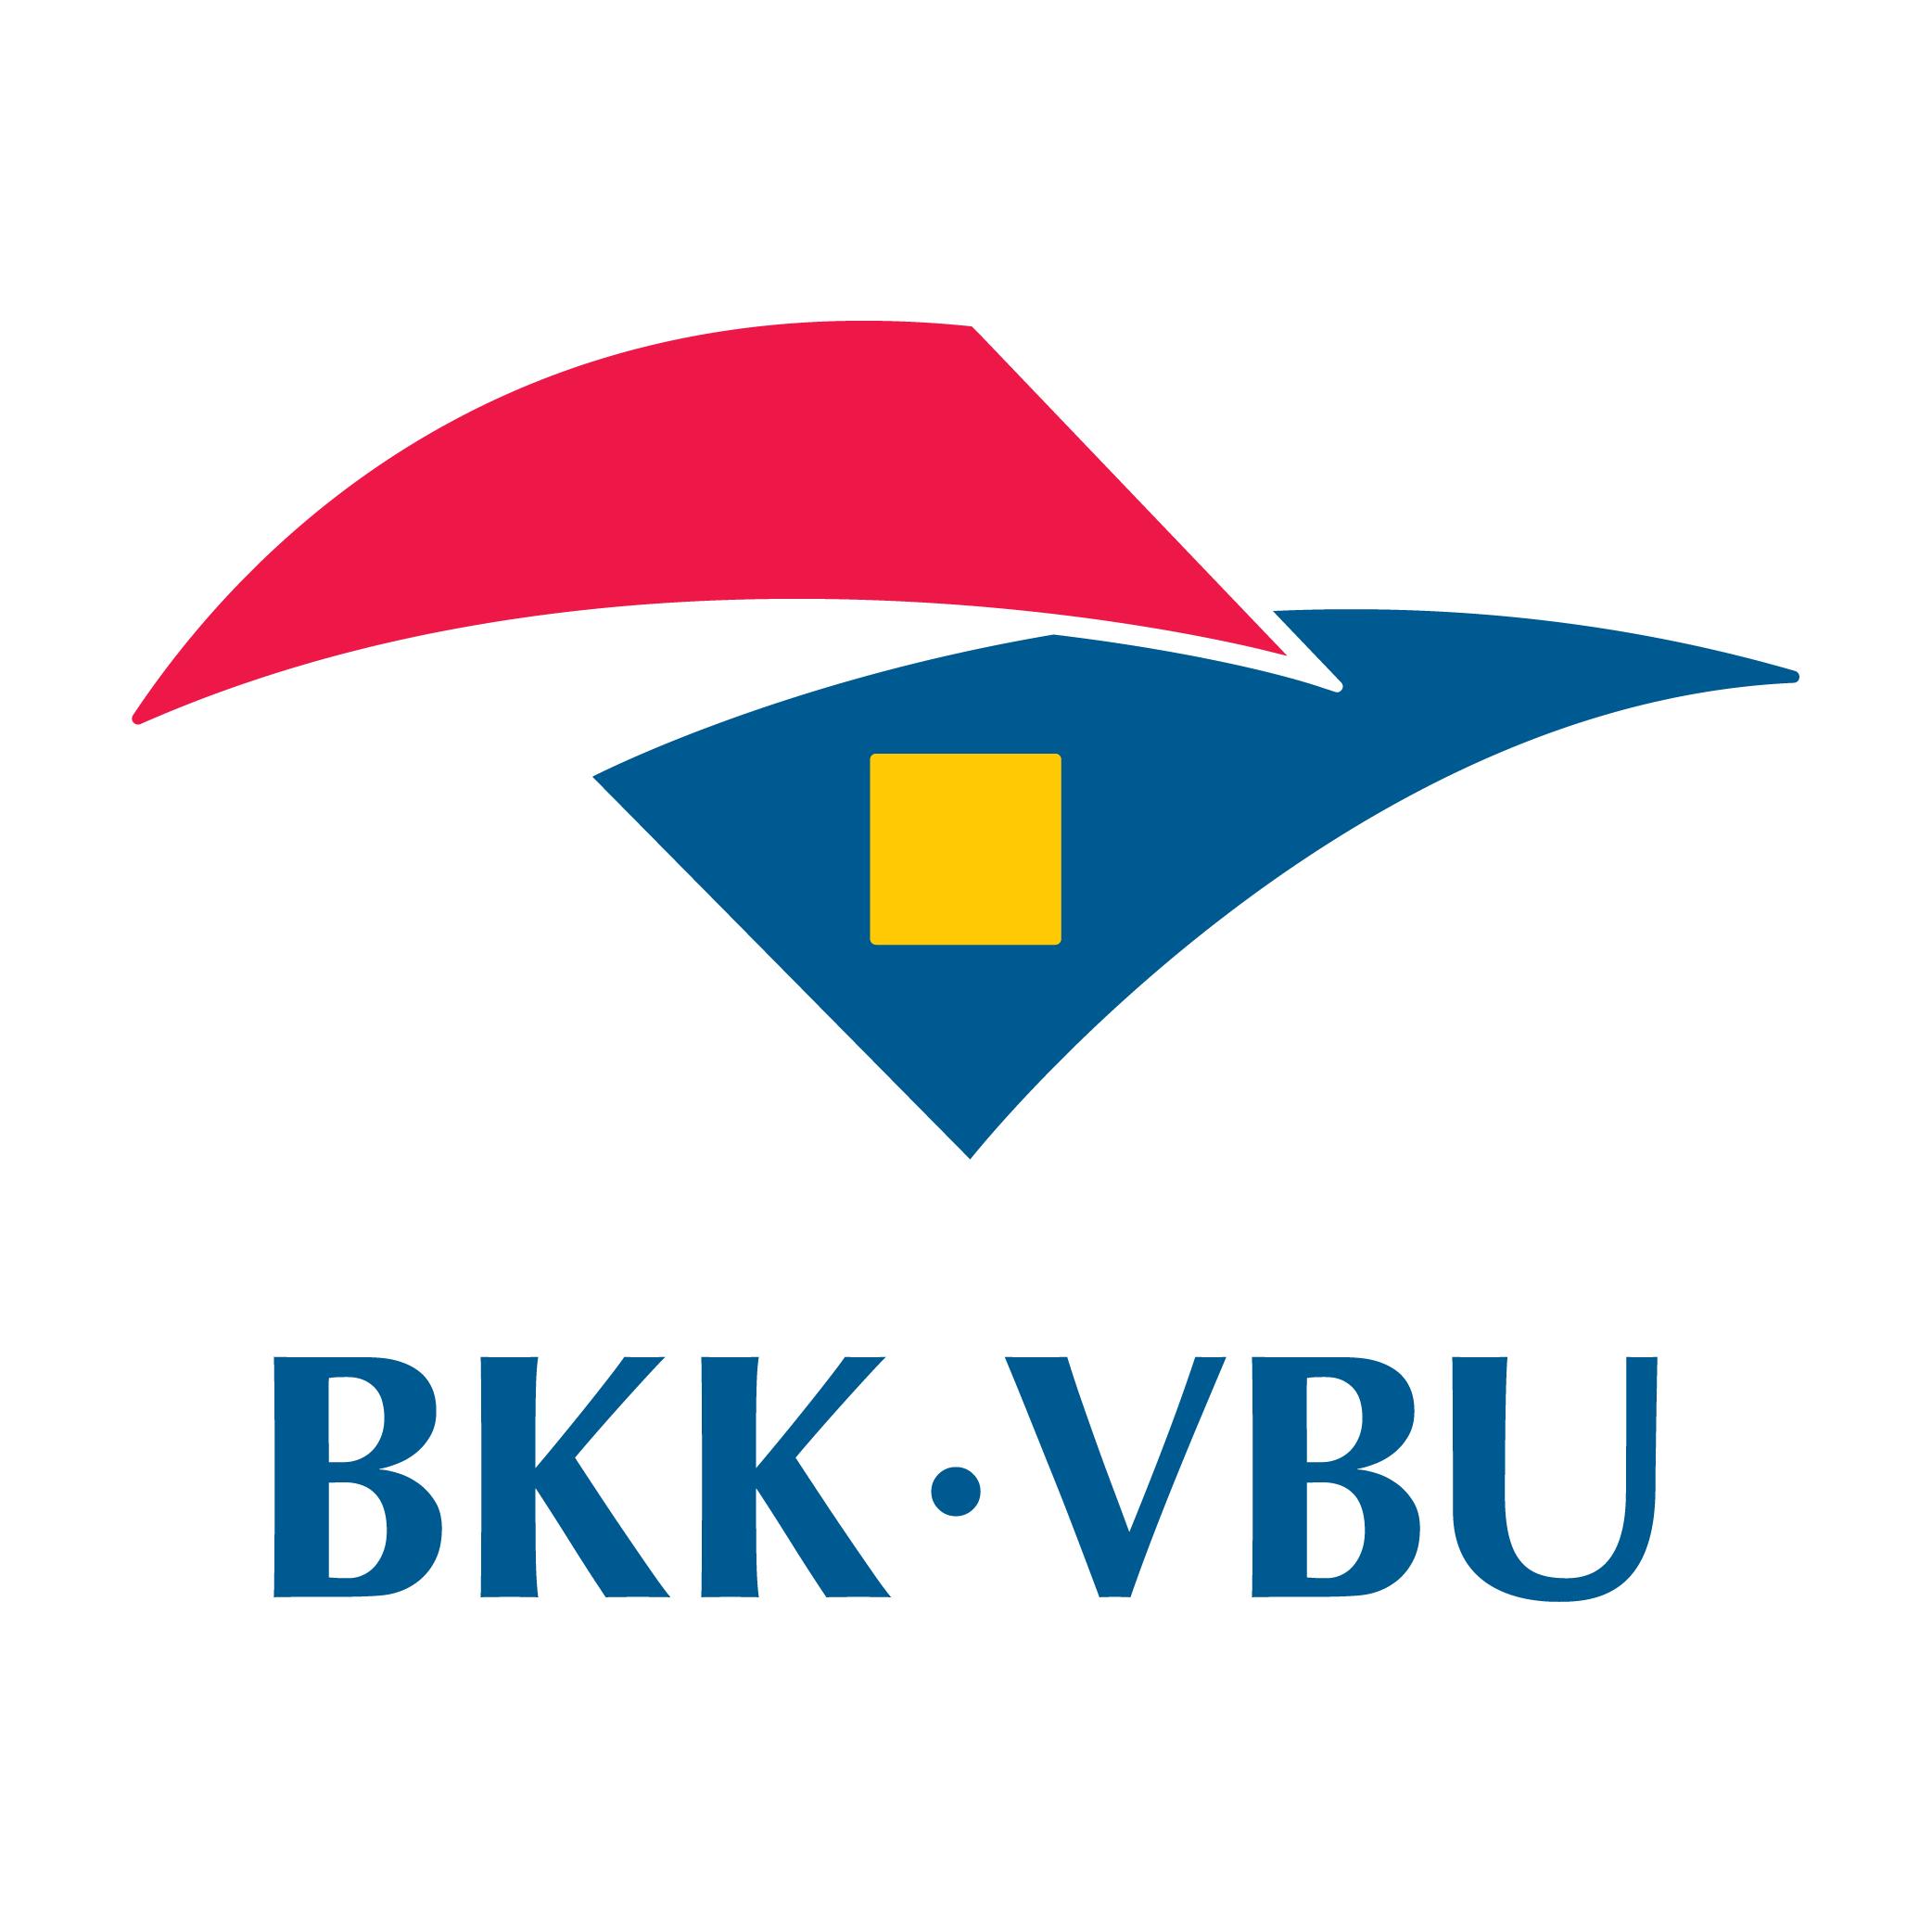 Markenzeichen der Brandenburgische BKK